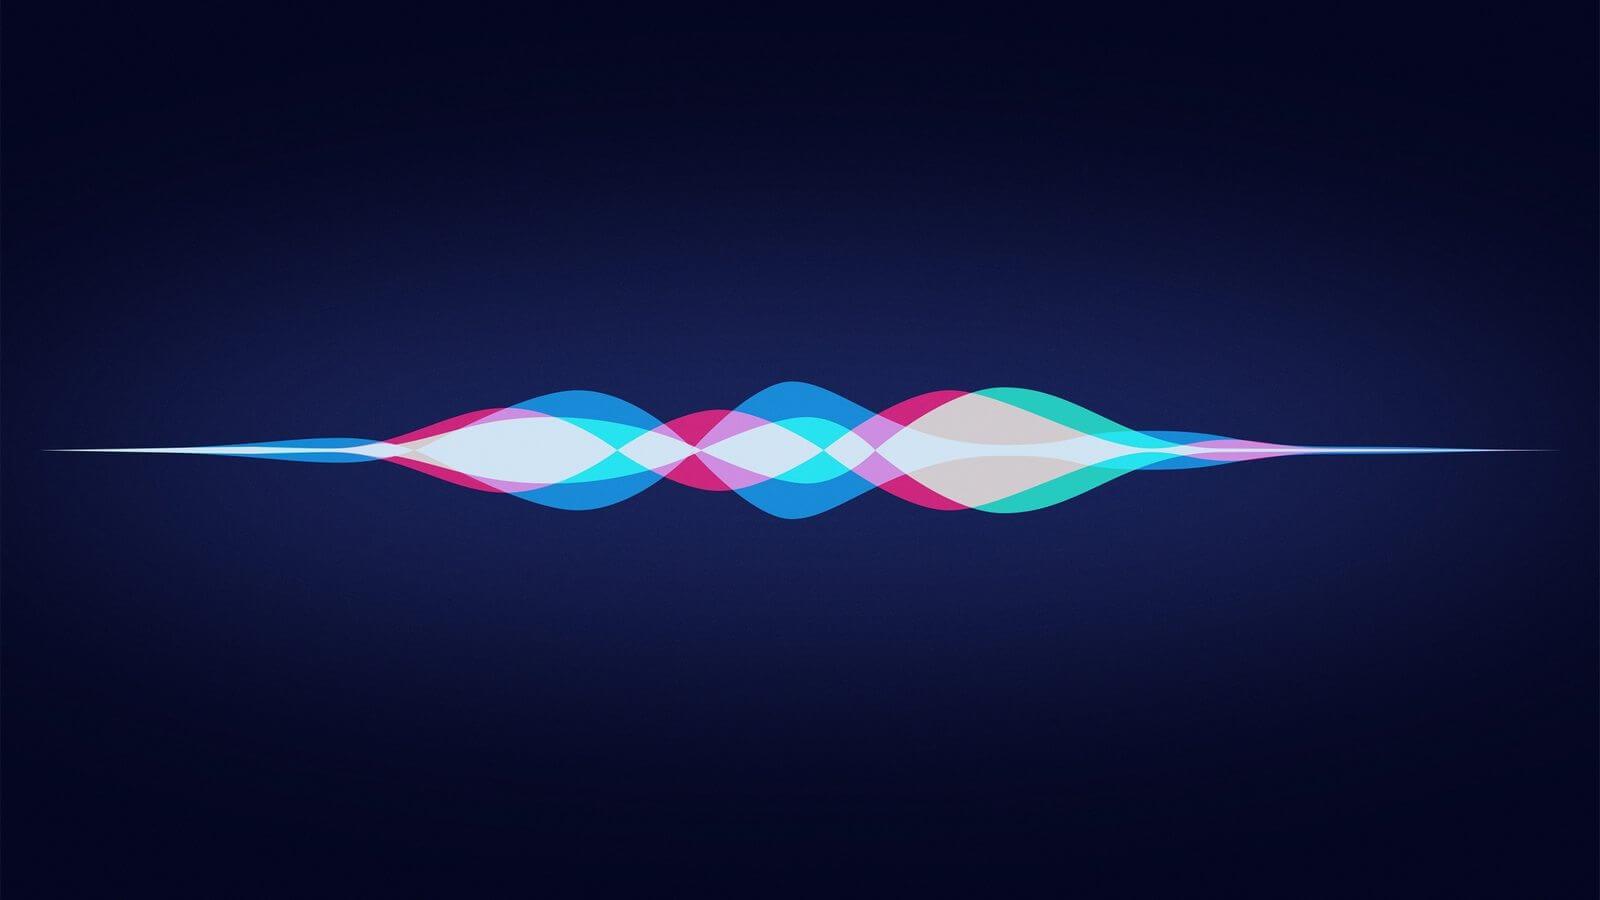 Por que assistentes virtuais, como a Siri, têm vozes femininas?